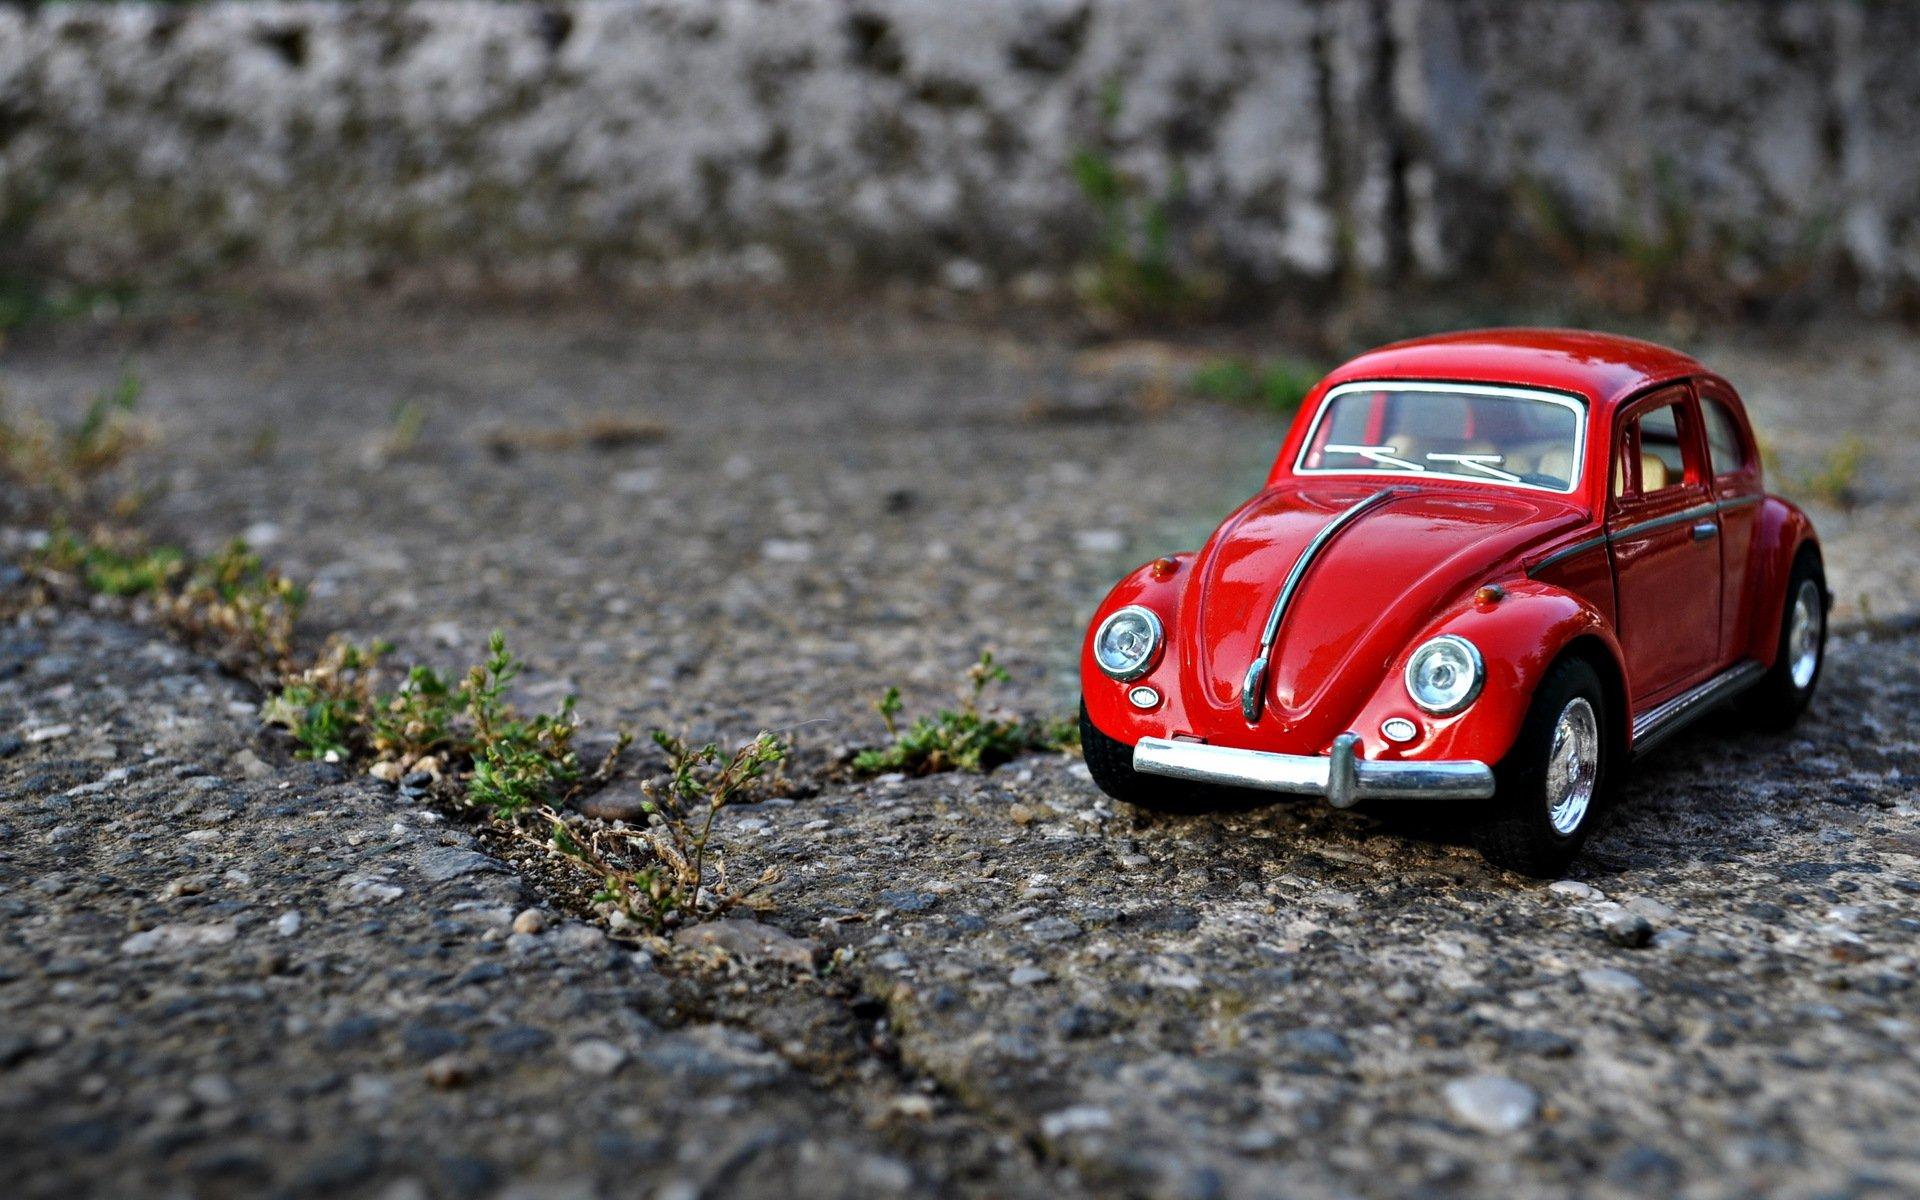 Car close up photography